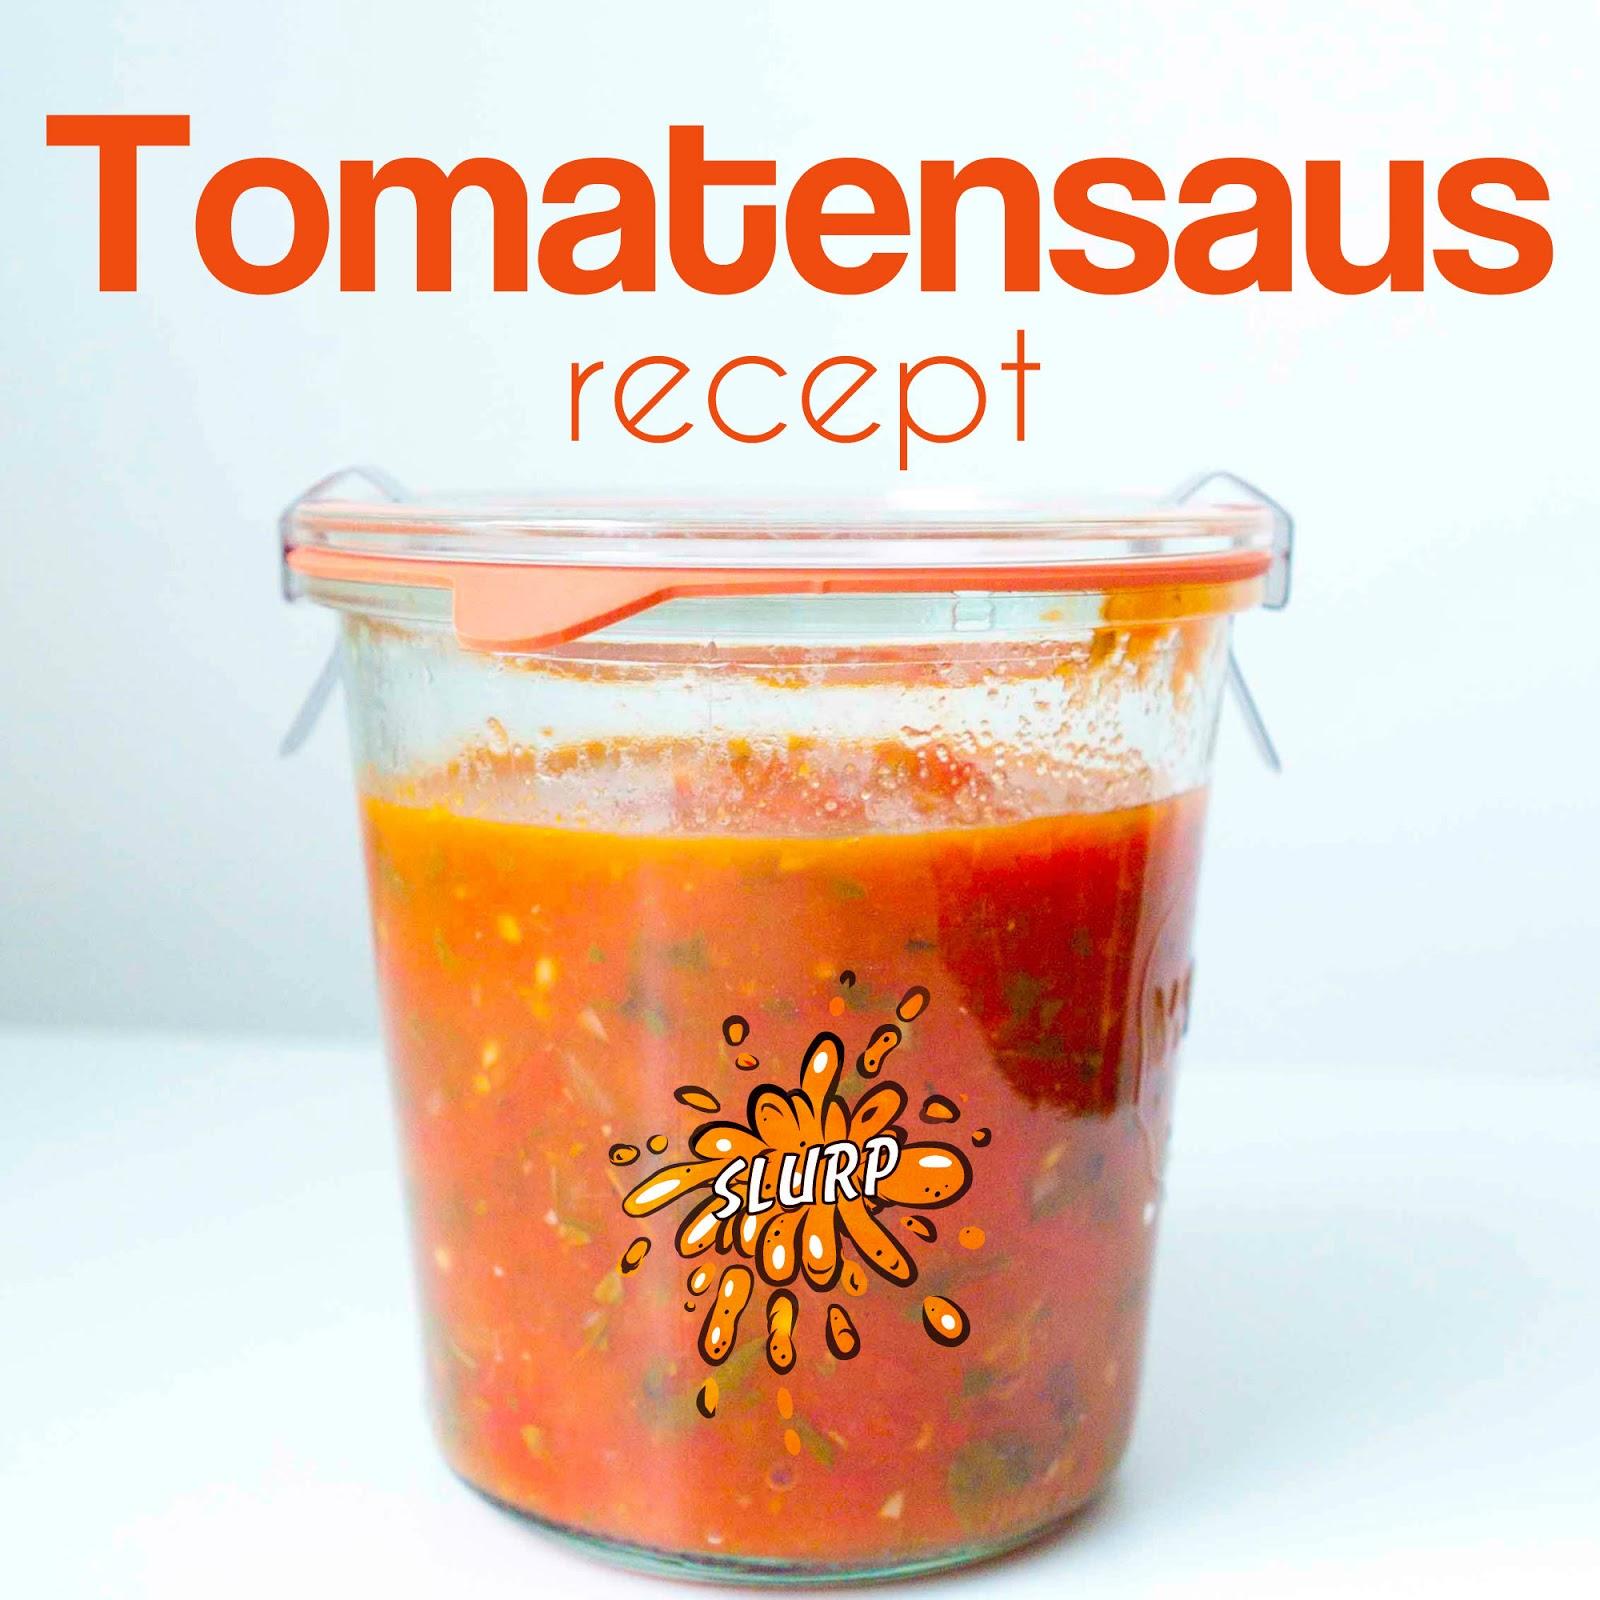 tomaten saus, tomatensaus, recept saus tomaten, tomatensaus recept, recept voor saus van tomaten, saus van tomaten maken, tomatenen in de saus, tomatenen saus, eten uit de moestuin, eten uit de volkstuin, tomaten in volkstuin, tomaten in  moestuin, tips voor tomaten, tip voor tomaten